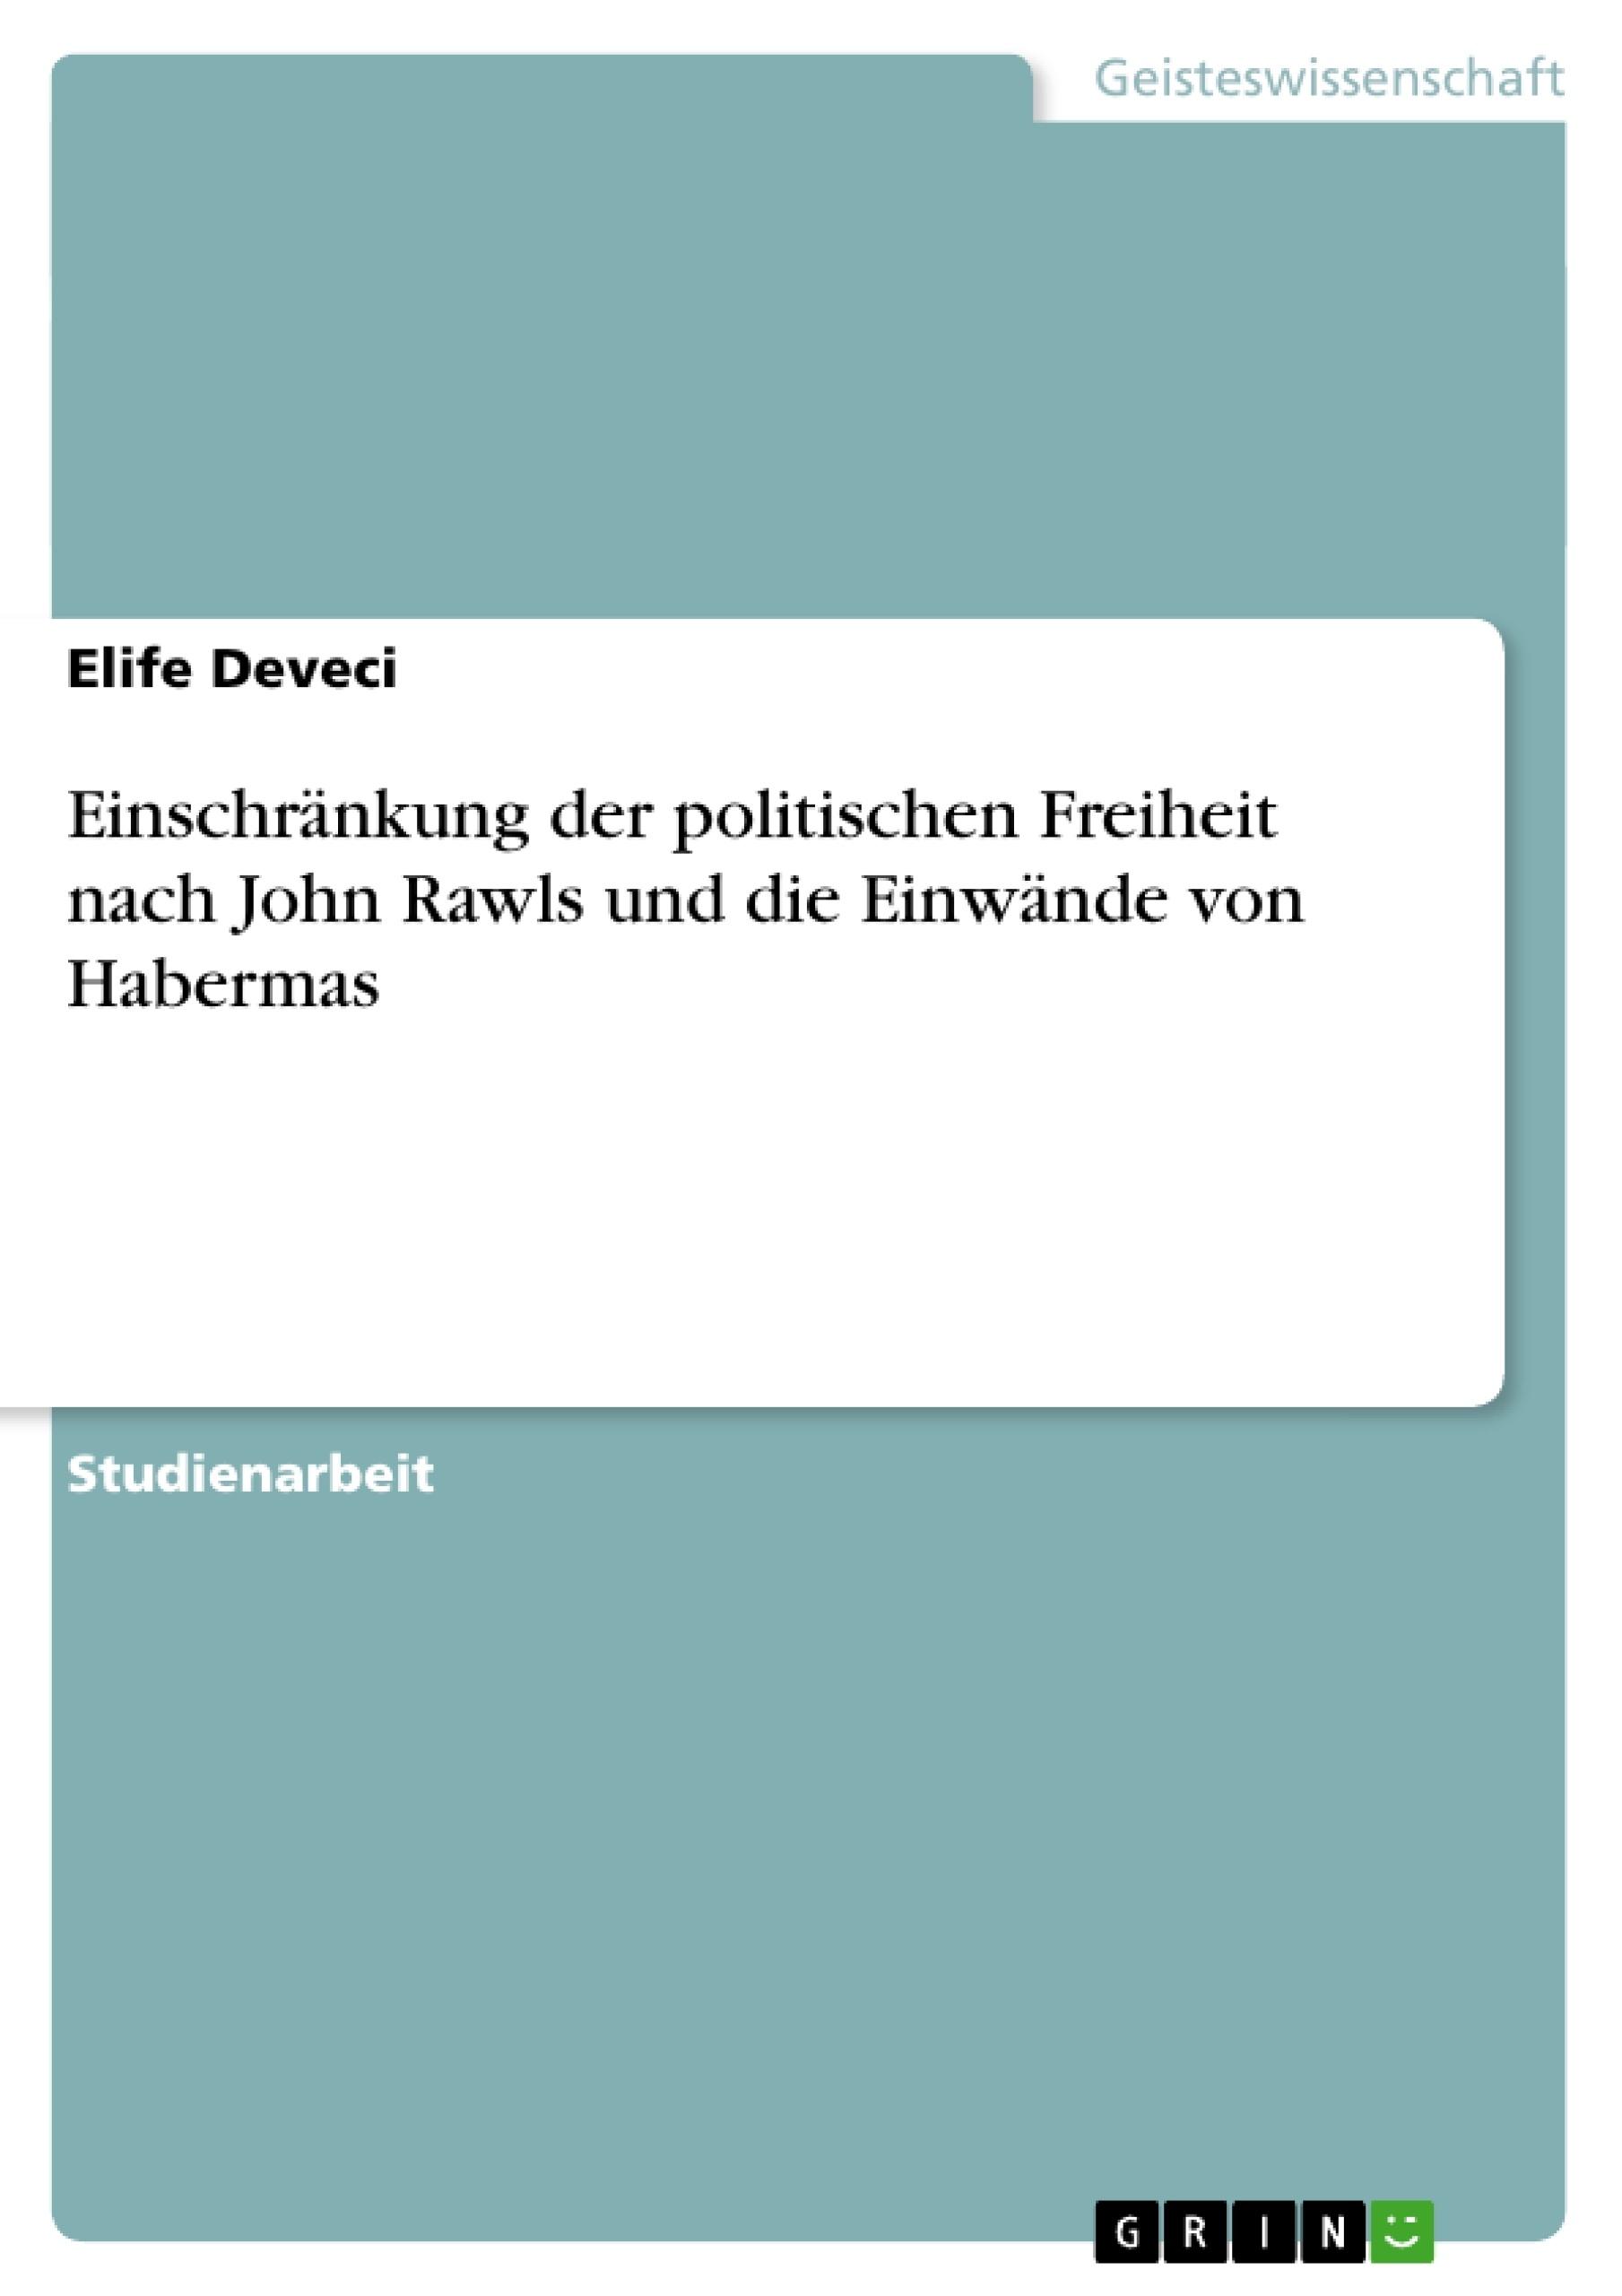 Titel: Einschränkung der politischen Freiheit nach John Rawls und die Einwände von Habermas